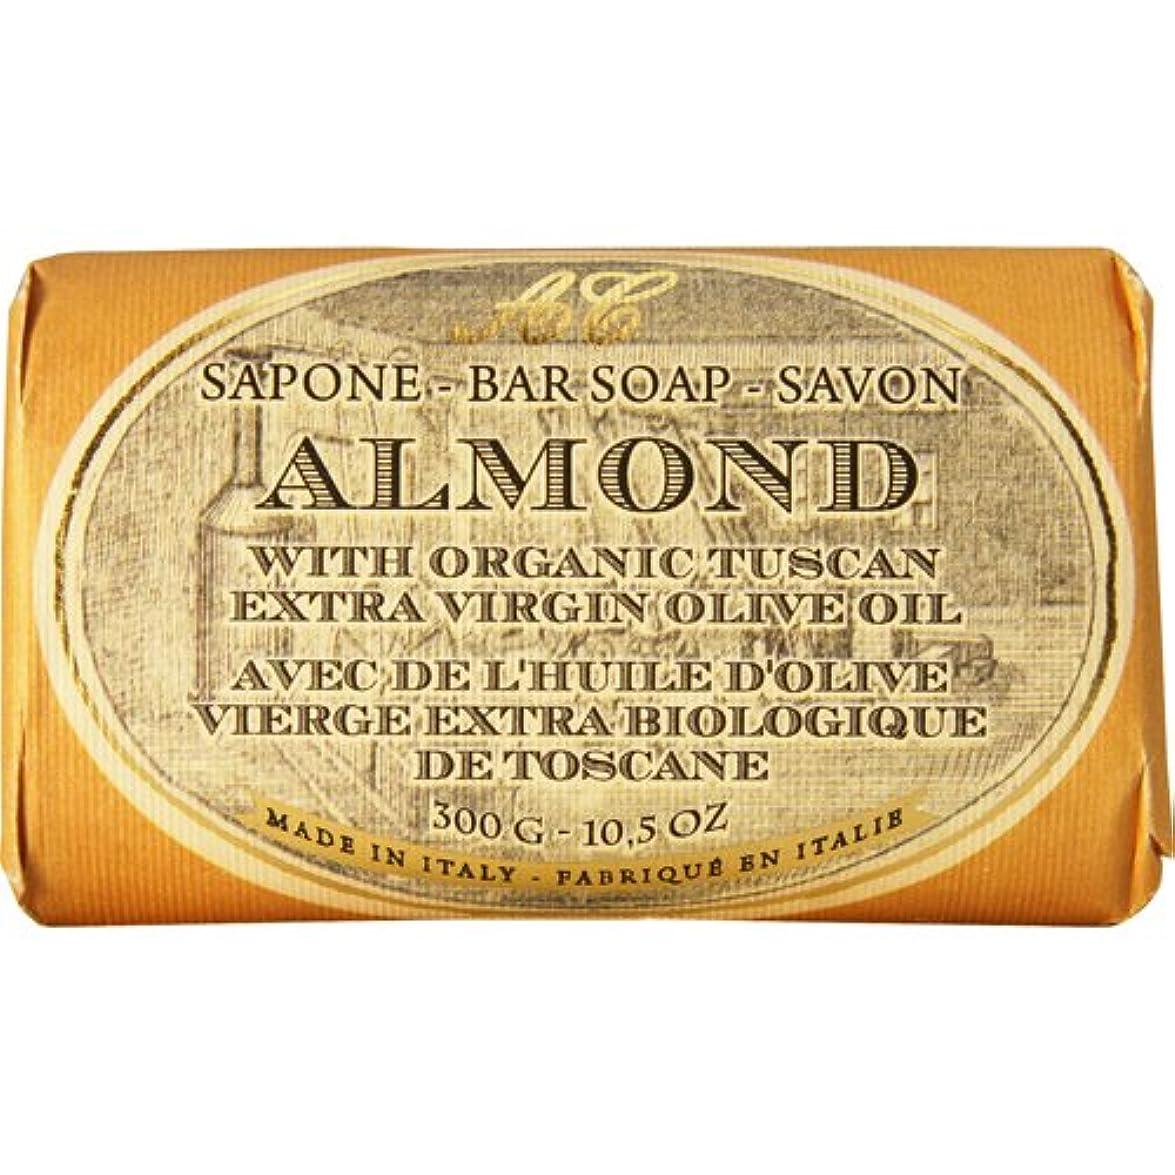 歩く講師好奇心Saponerire Fissi レトロシリーズ Bar Soap バーソープ 300g Almond アーモンドオイル